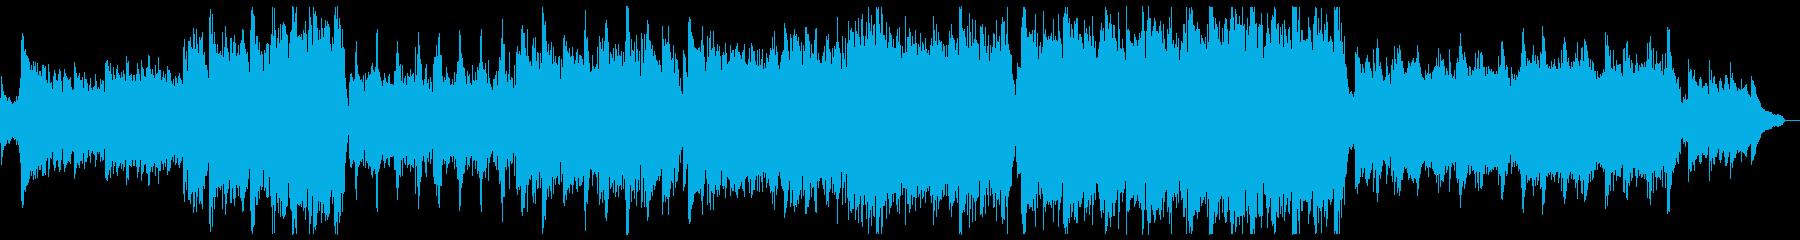 壮大な開幕プレリュードx1回の再生済みの波形